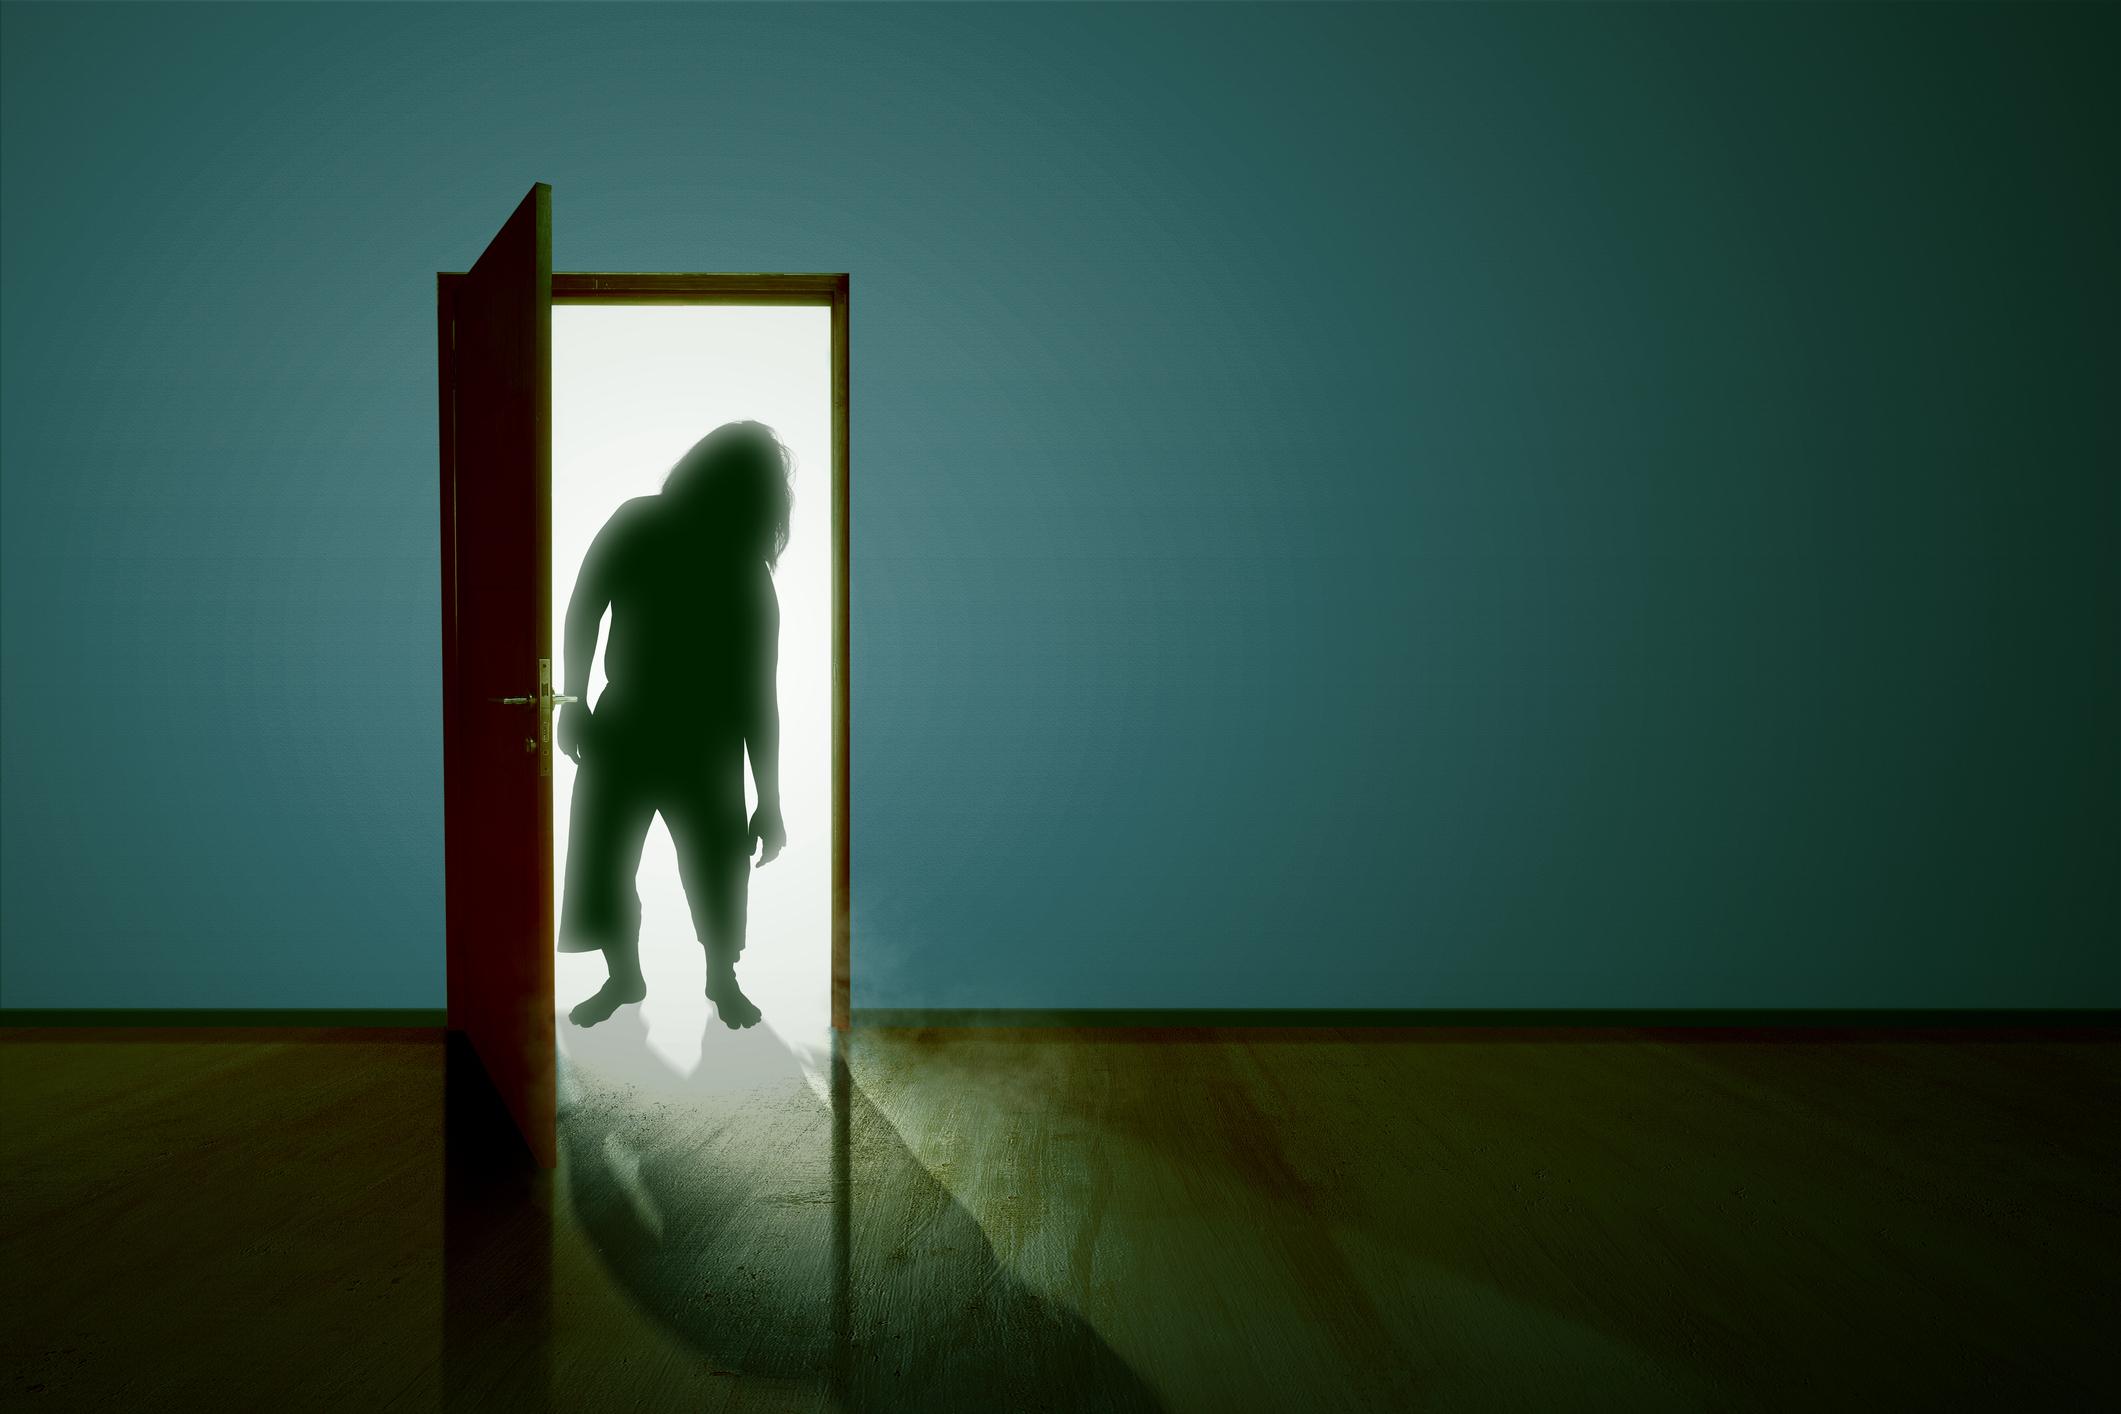 Silhouette of Zombie standing at an open door